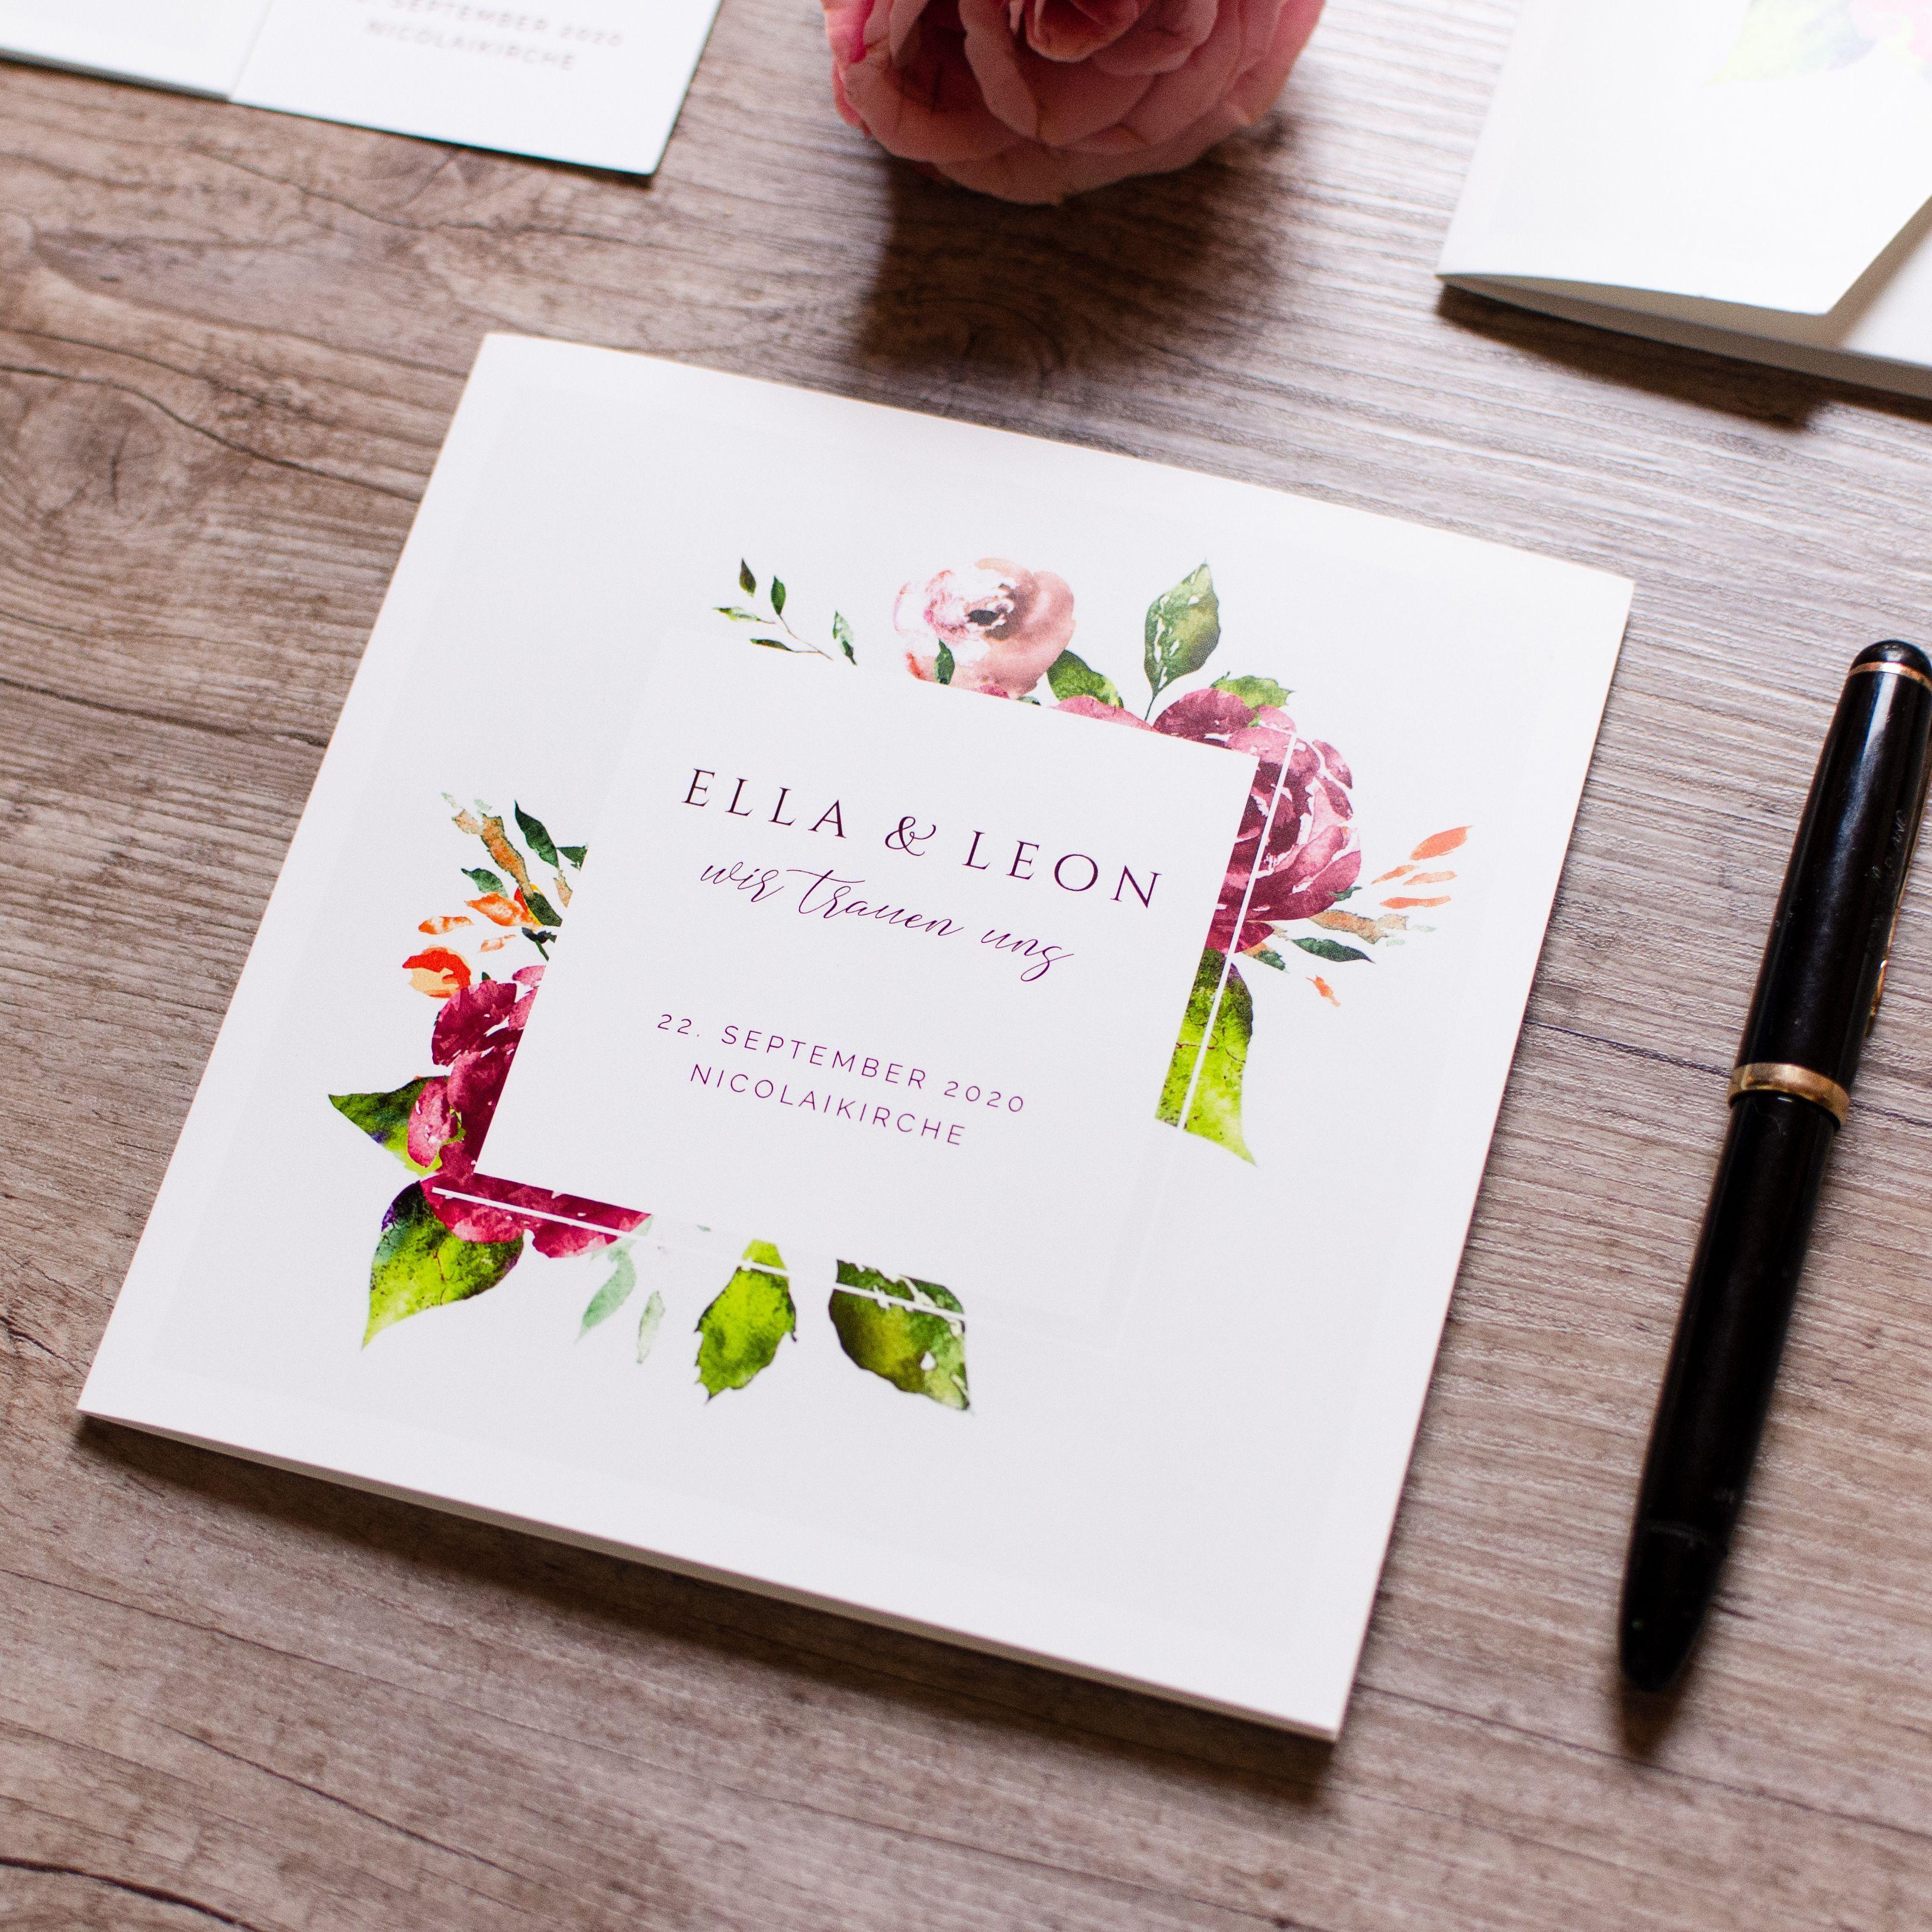 Ella Und Leon In 2020 Einladungen Hochzeit Hochzeitseinladung Karte Hochzeit